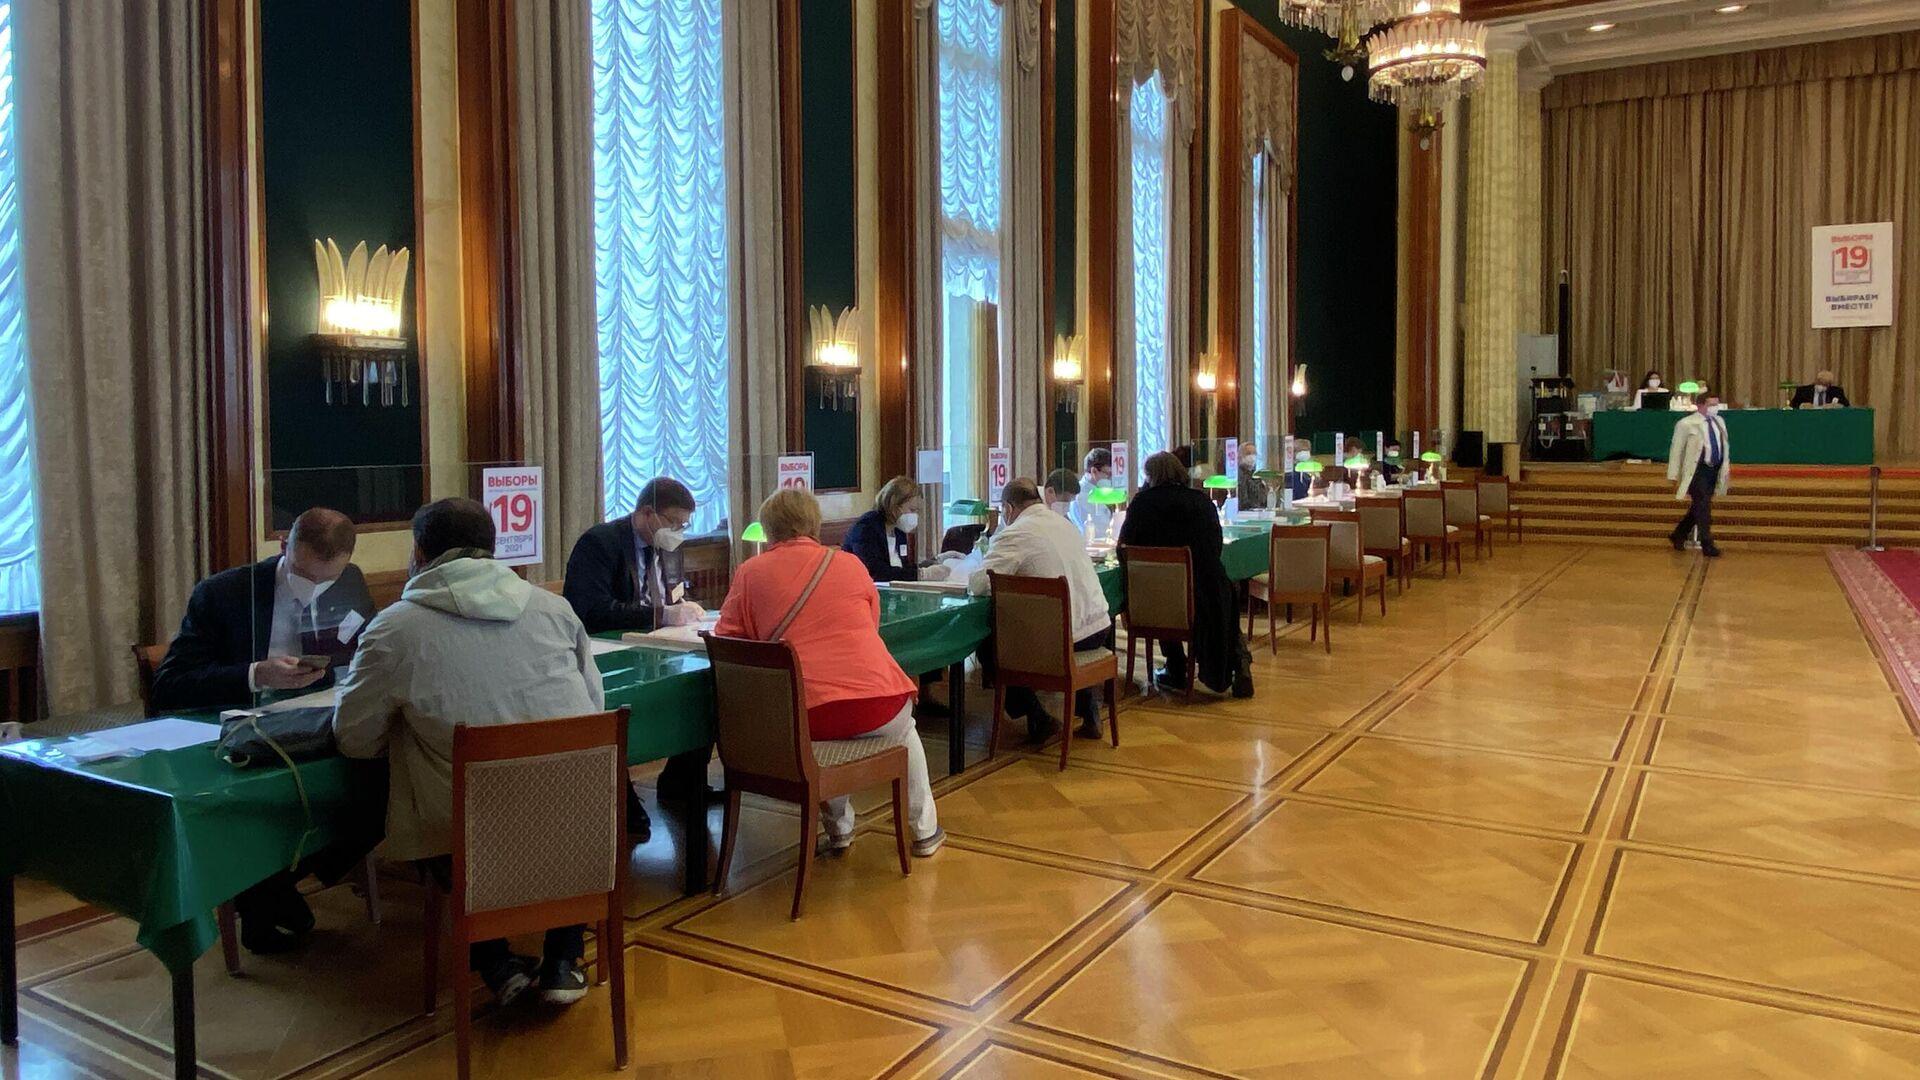 Menschen melden sich für die Wahl an, den 19.09.2021 - SNA, 1920, 19.09.2021